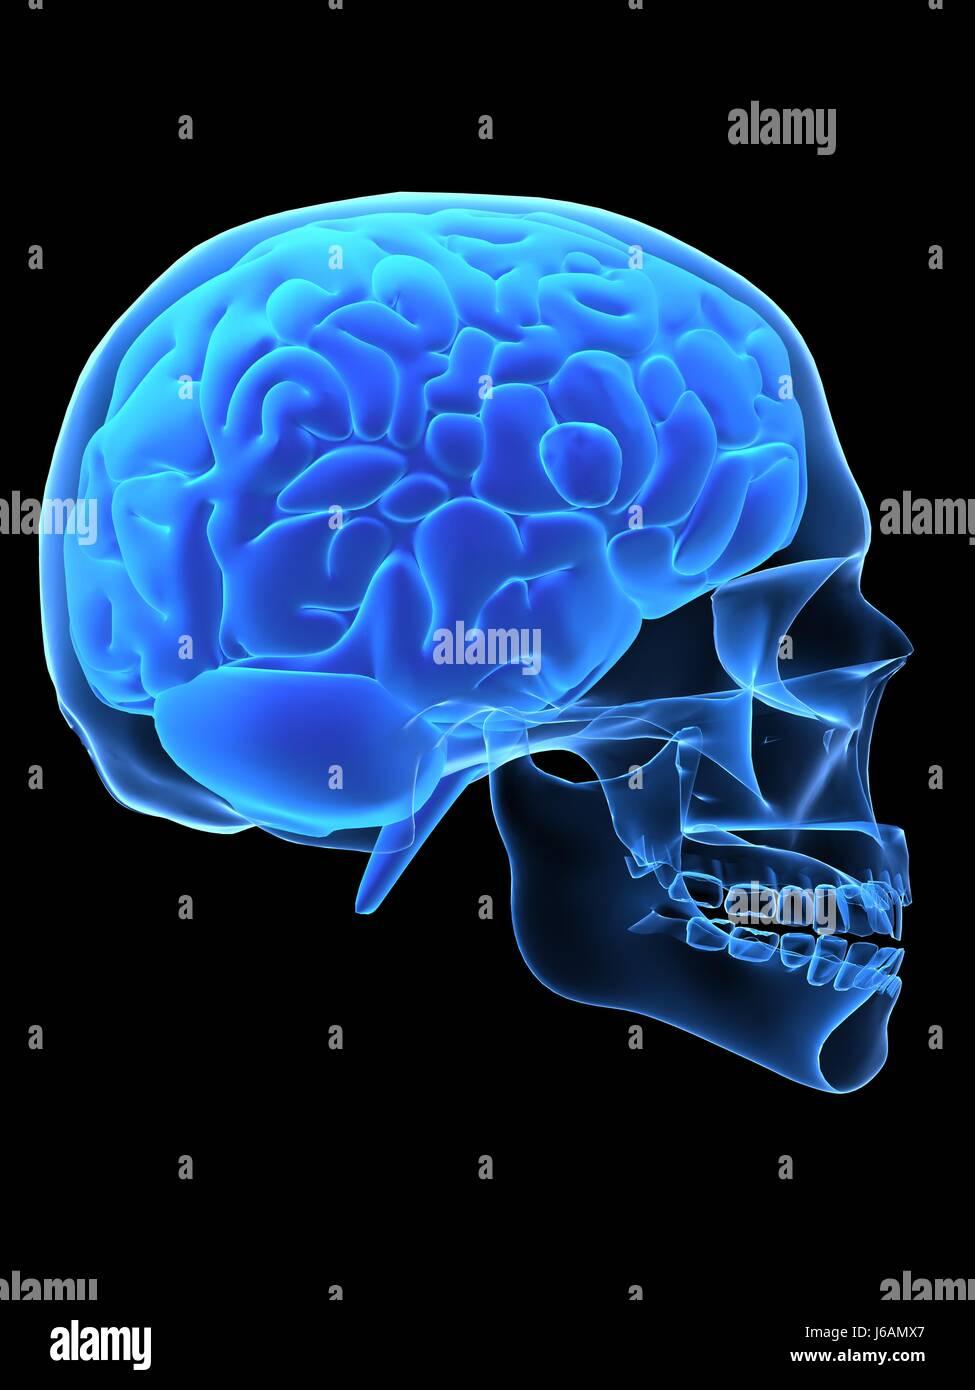 subconscious mind stock photos  u0026 subconscious mind stock